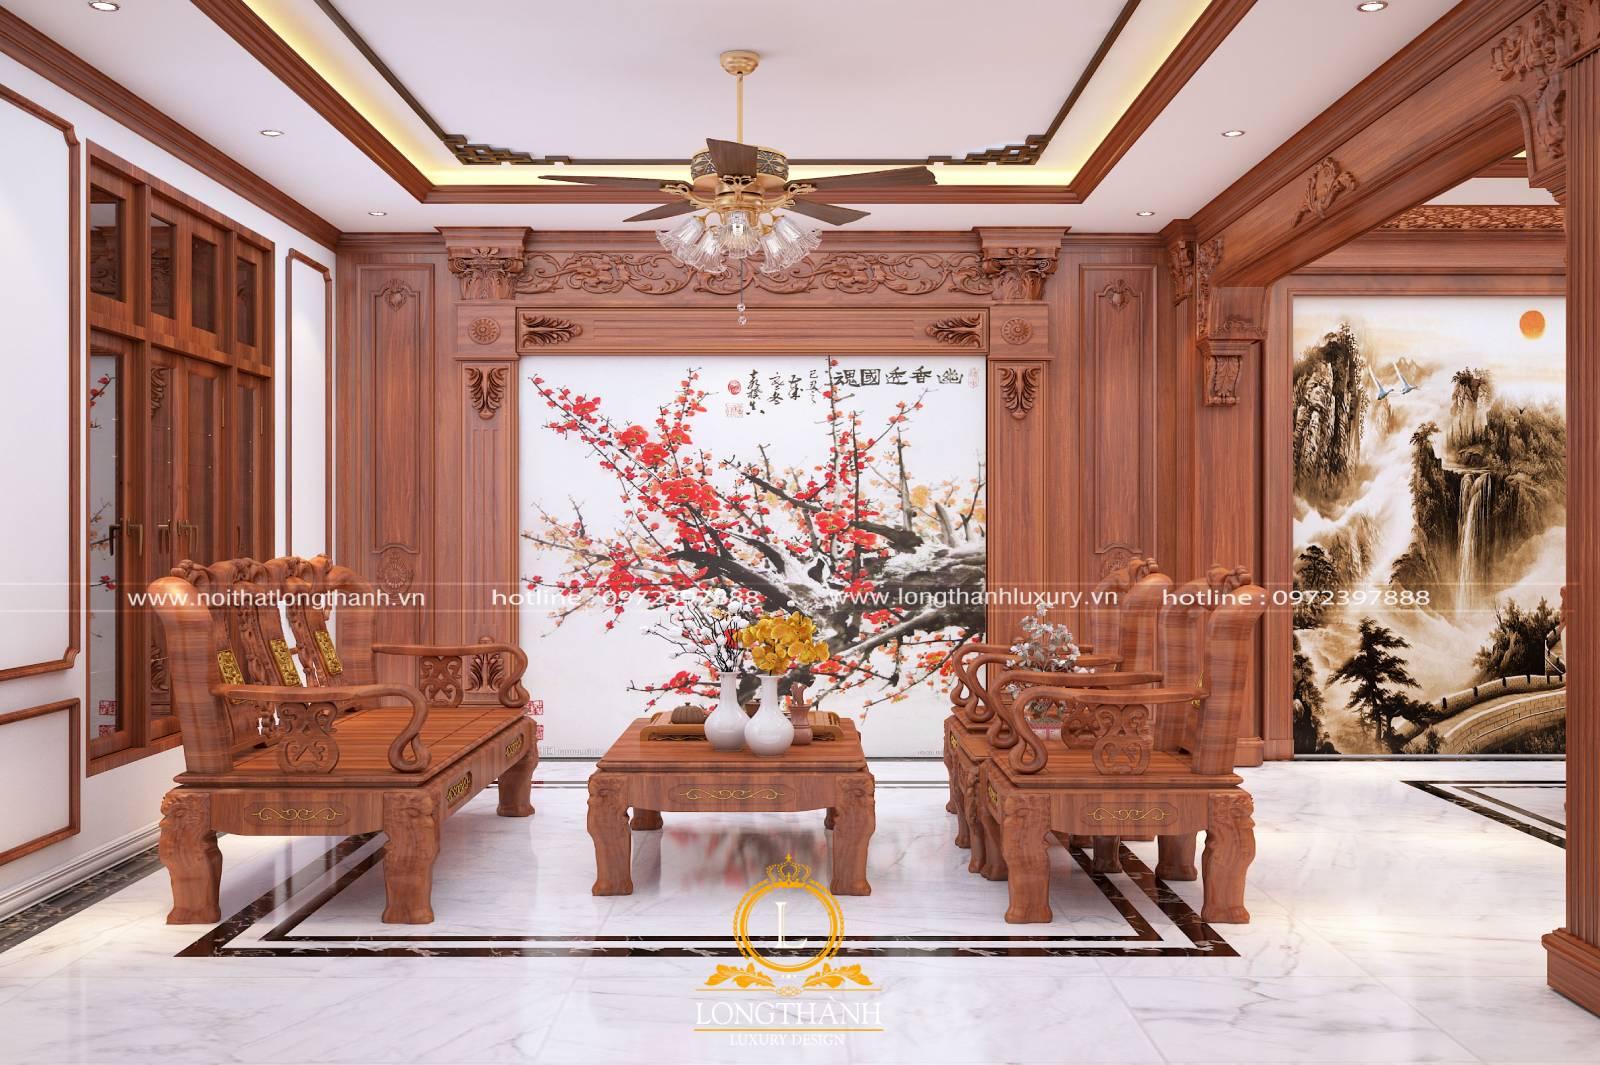 Phòng khách biệt thự tân cổ điển cho những ai yêu thích sự nhẹ nhàng